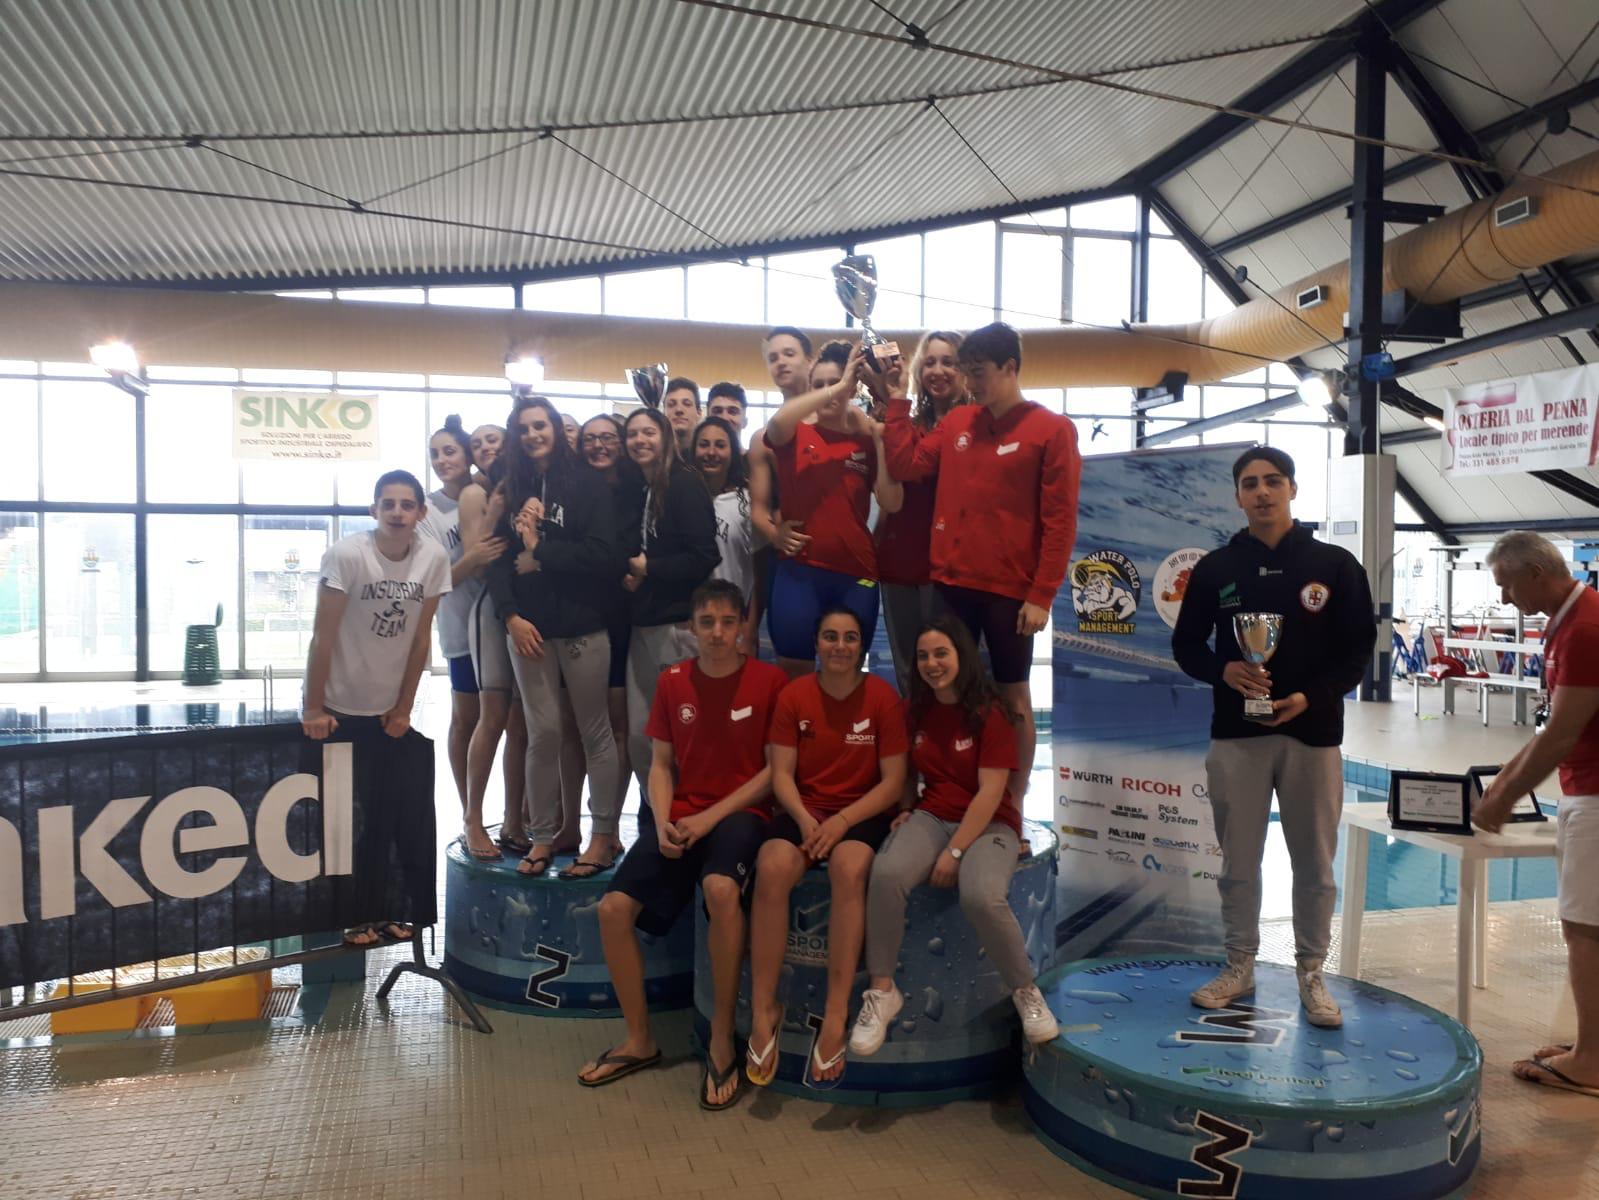 Al meeting    Lago di Garda    di Desenzano i nuotatori della Sport Management vincono entrambe le classifiche per societ